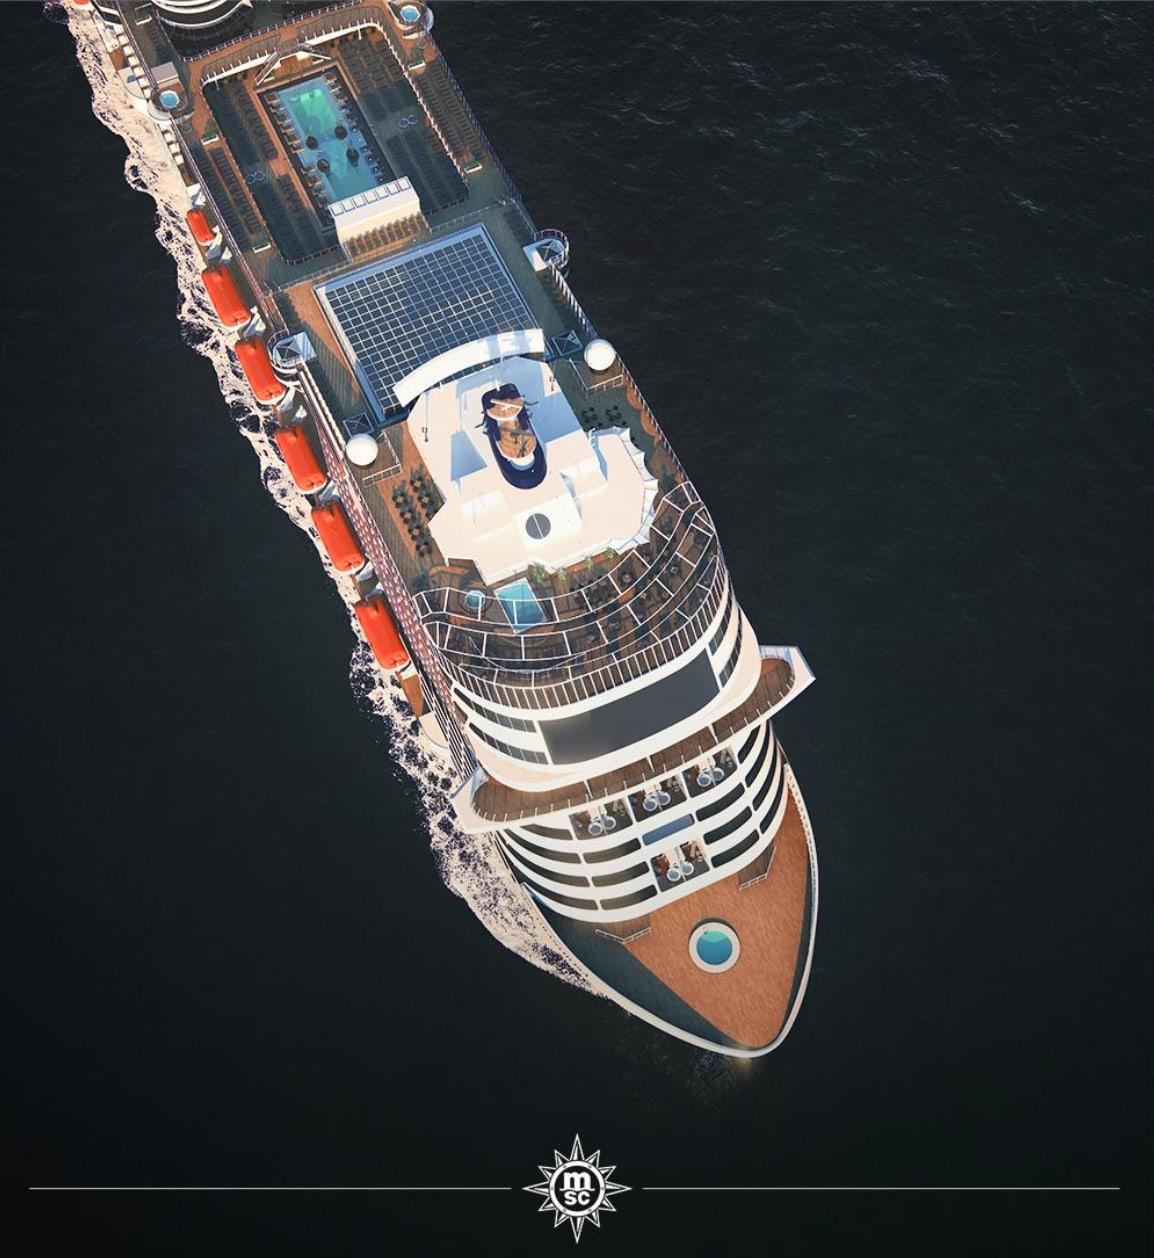 MSC最新客船グランディオーサのイメージ動画公開